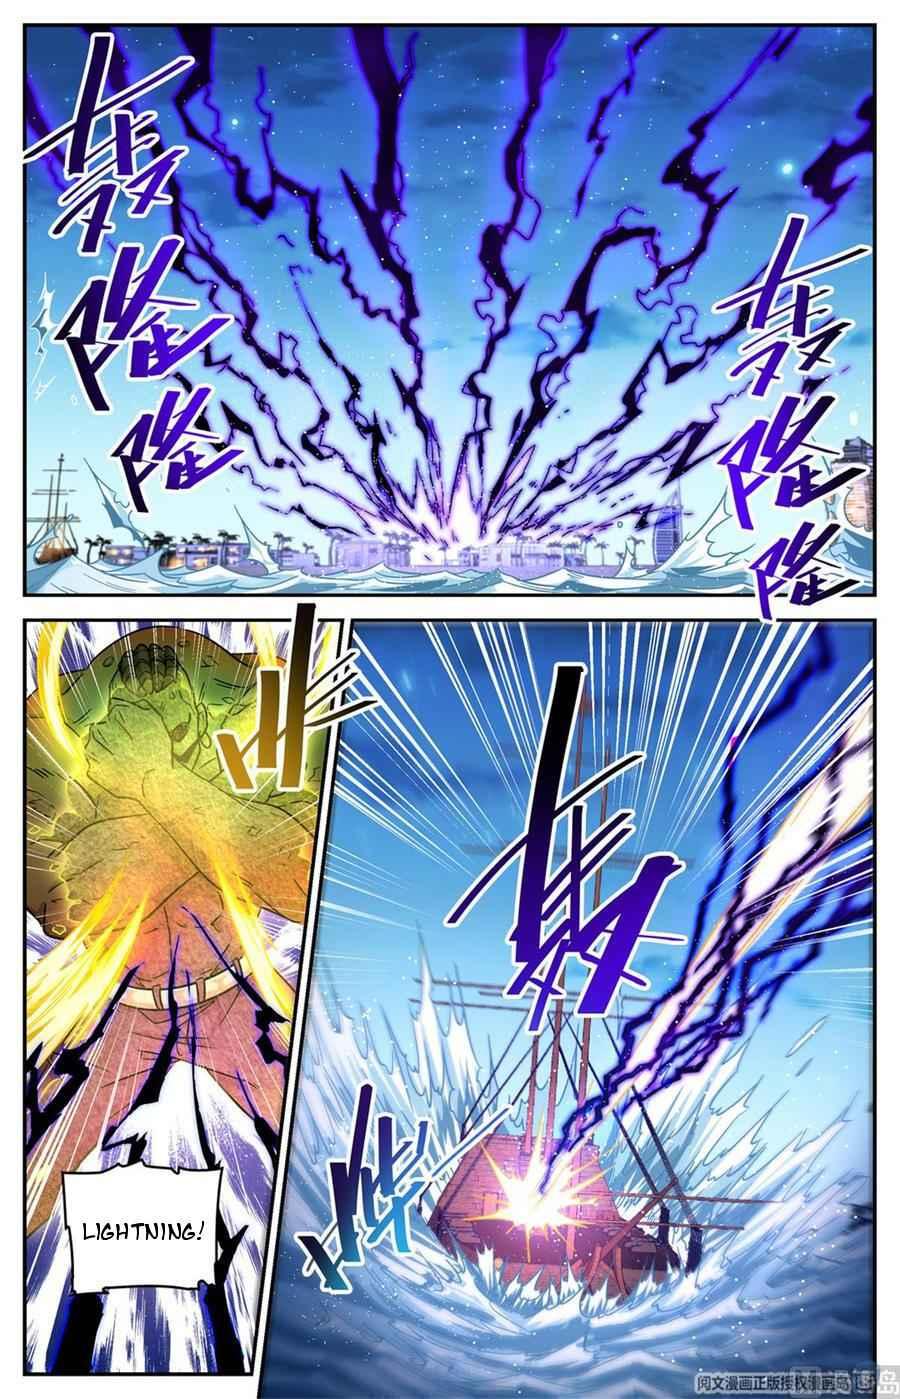 Versatile Mage - chapter 628-eng-li